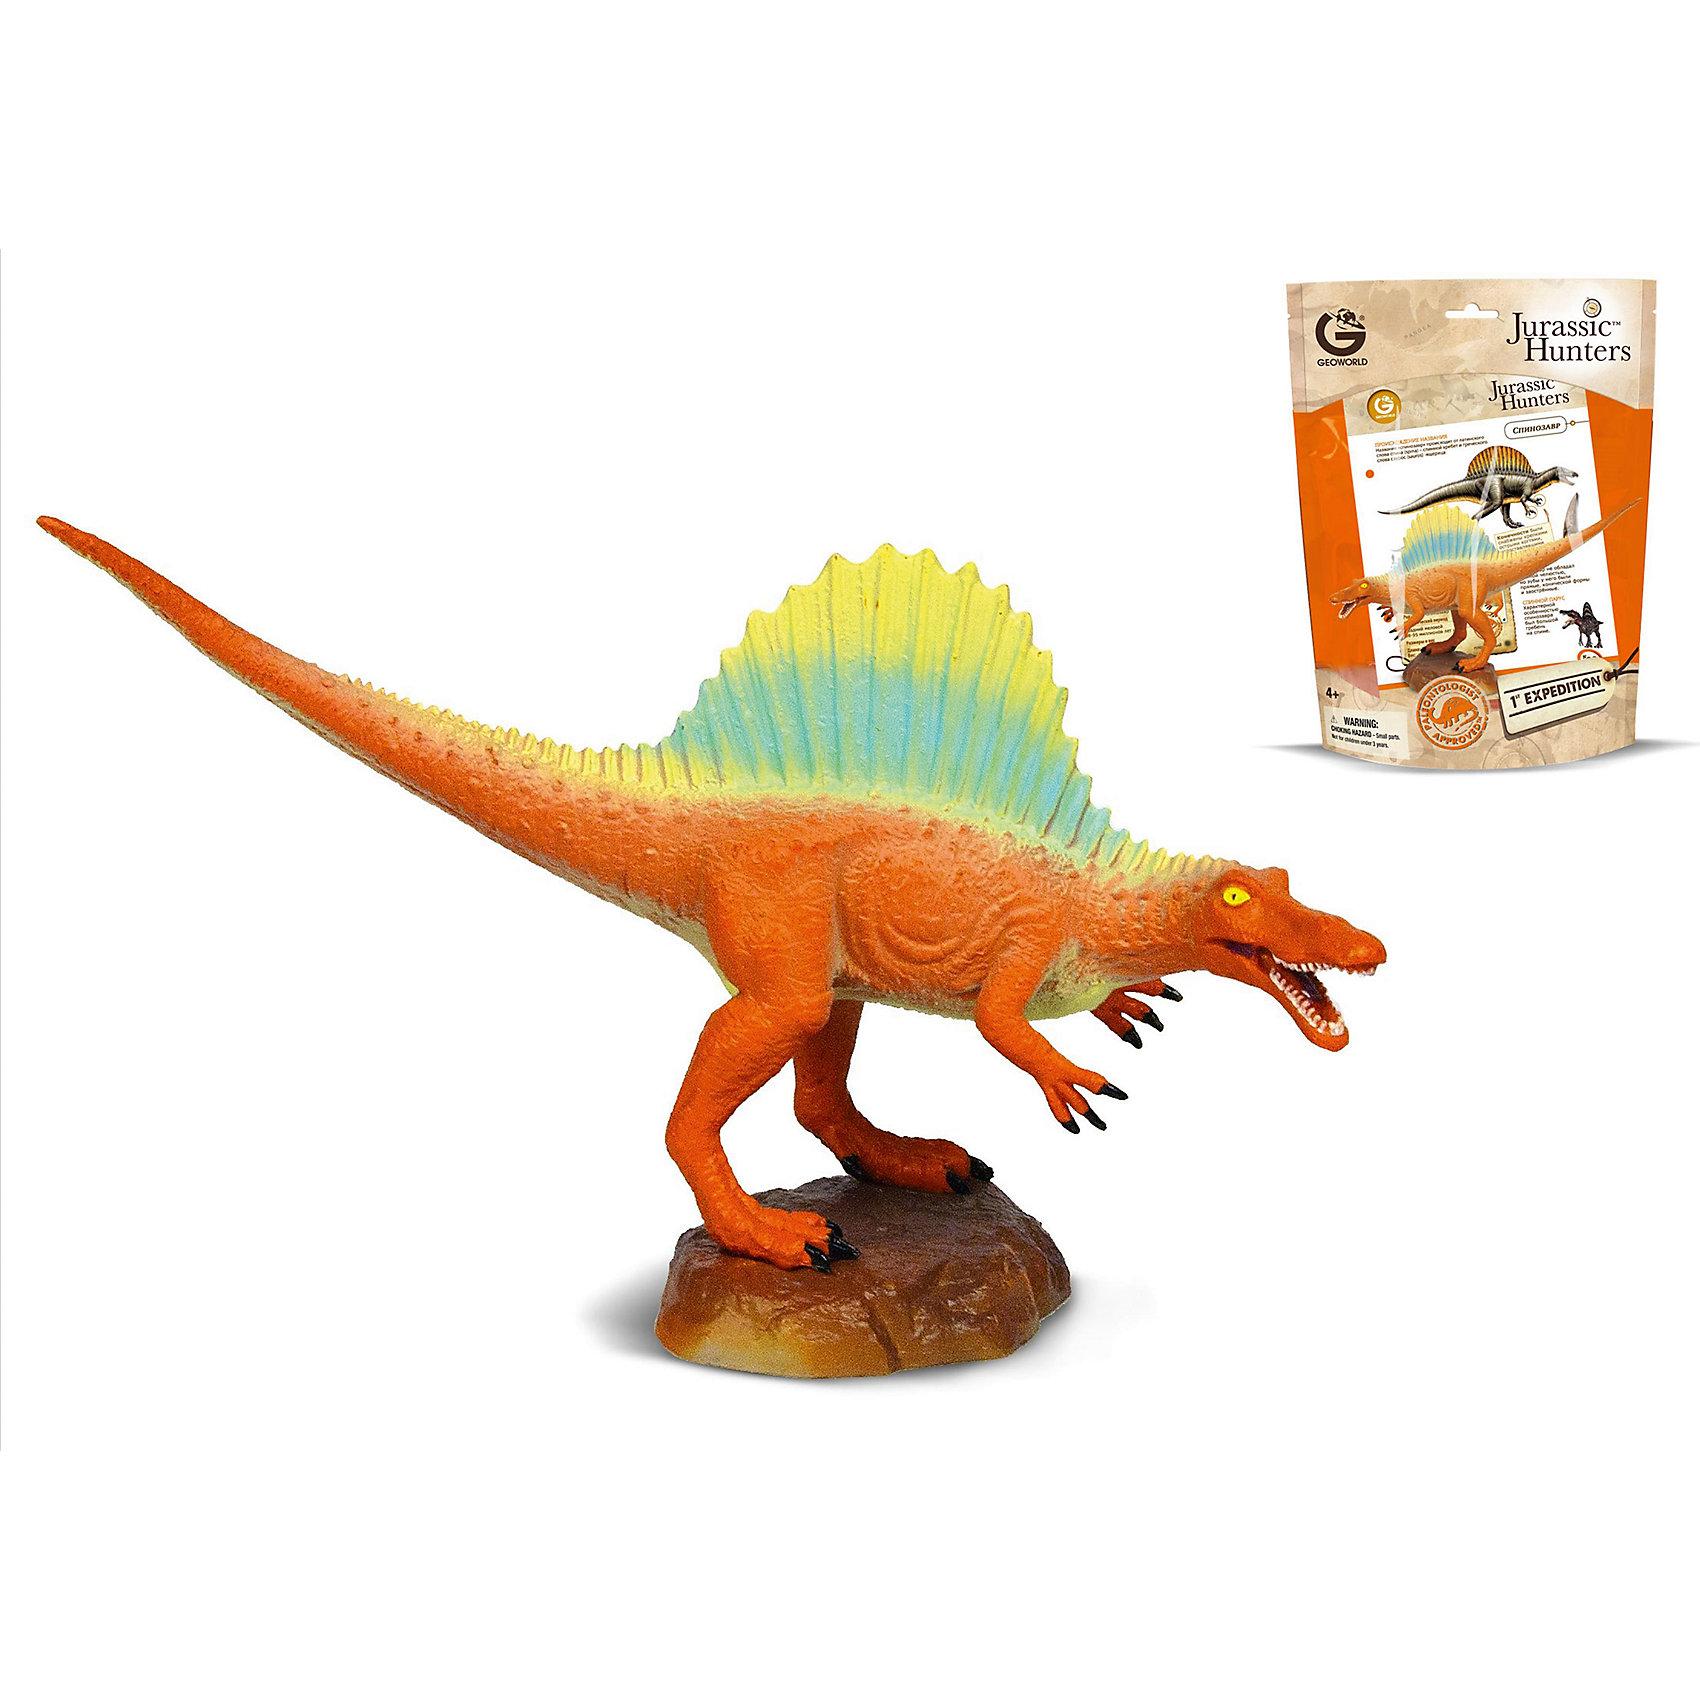 Динозавр Спинозавр, коллекция Jurassic Hunters, GeoworldДраконы и динозавры<br>Характеристики товара:<br><br>• материал: пластик<br>• возраст: от 4 лет<br>• длина игрушки: 18 см<br>• масштаб: 1:80<br>• в комплекте: фигурка динозавра, страница с научной информацией о динозавре, мини-буклет с указанием полной коллекции Jurassic Hunters (Охотников за Динозаврами)<br>• габариты упаковки: 27х21х8 см<br>• вес: 91 г<br>• страна бренда: Италия<br><br>Детализированная фигурка отлично впишется в коллекцию динозавров юного палеонтолога. Уникальный дизайн, проработанные мелкие детали и художественное исполнение сделали игрушку очень реалистичной и перенесли ее в раздел коллекционных моделей. Материалы, использованные при изготовлении товаров, проходят проверку на качество и соответствие международным требованиям по безопасности.<br>Такие фигурки помогают привить детям любовь к учебе, развить воображение и интерес к коллекционированию.<br><br>Динозавр Спинозавр, коллекция Jurassic Hunter, от бренда Geoworld можно купить в нашем интернет-магазине.<br><br>Ширина мм: 210<br>Глубина мм: 80<br>Высота мм: 270<br>Вес г: 91<br>Возраст от месяцев: 48<br>Возраст до месяцев: 108<br>Пол: Унисекс<br>Возраст: Детский<br>SKU: 5418992